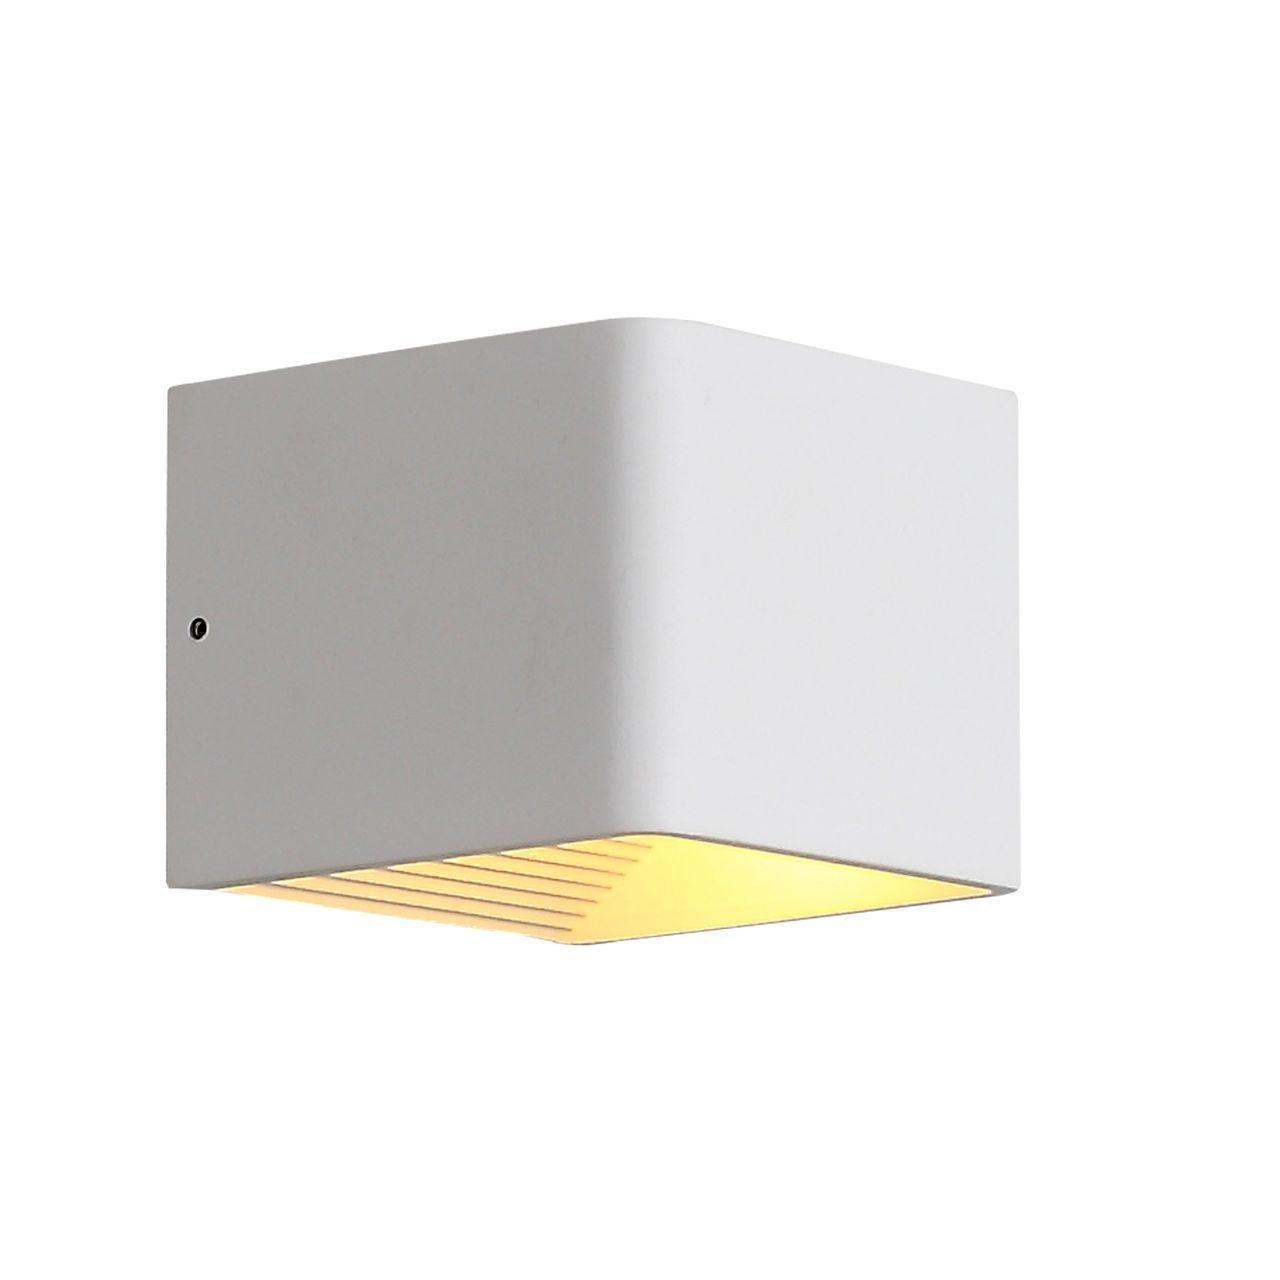 Настенный светодиодный светильник ST Luce Grappa 2 SL455.051.01